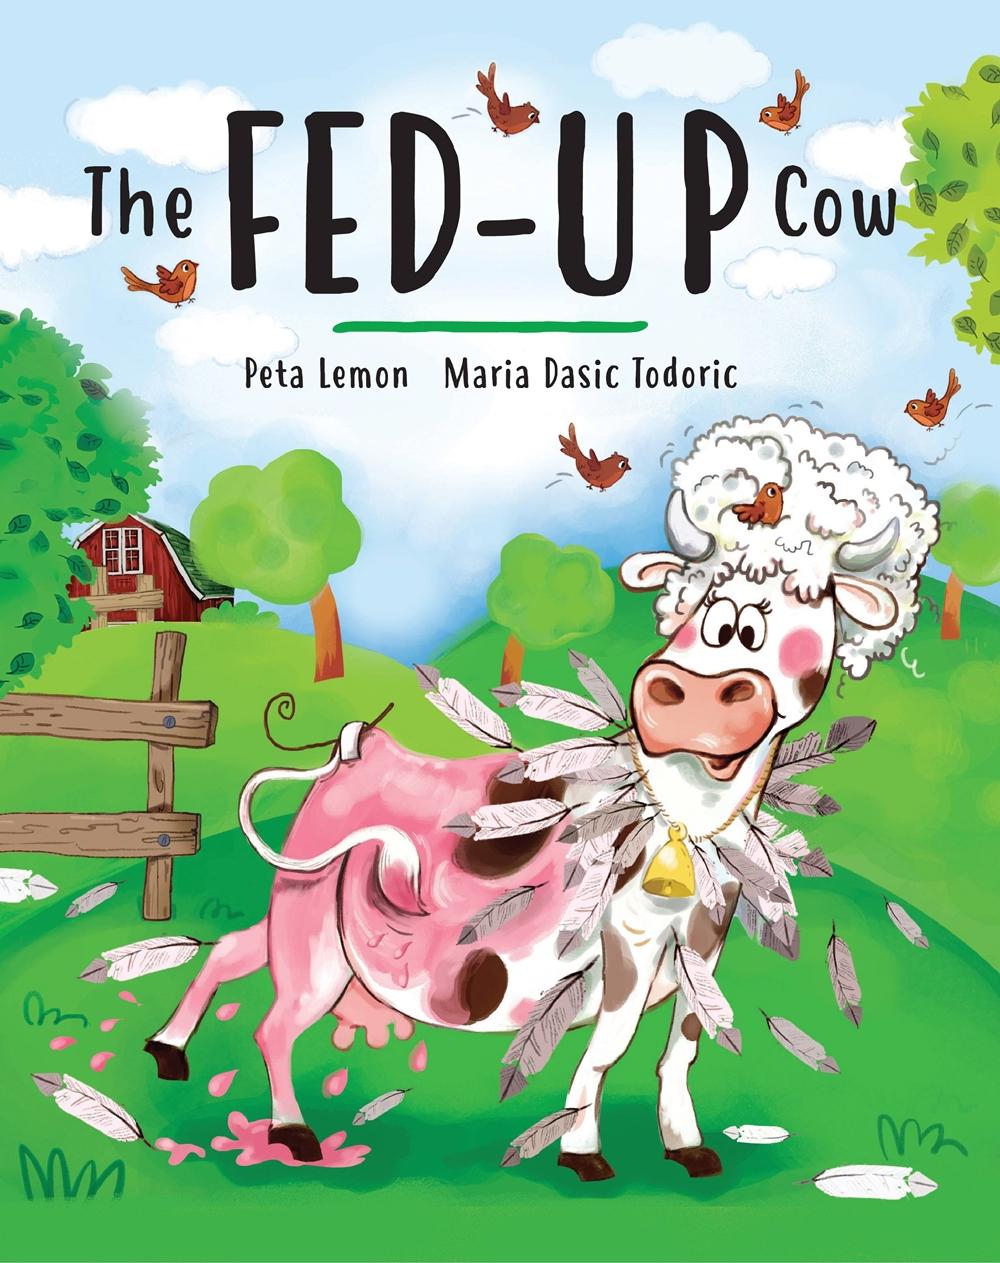 The Fed-up Cow by Peta Lemon